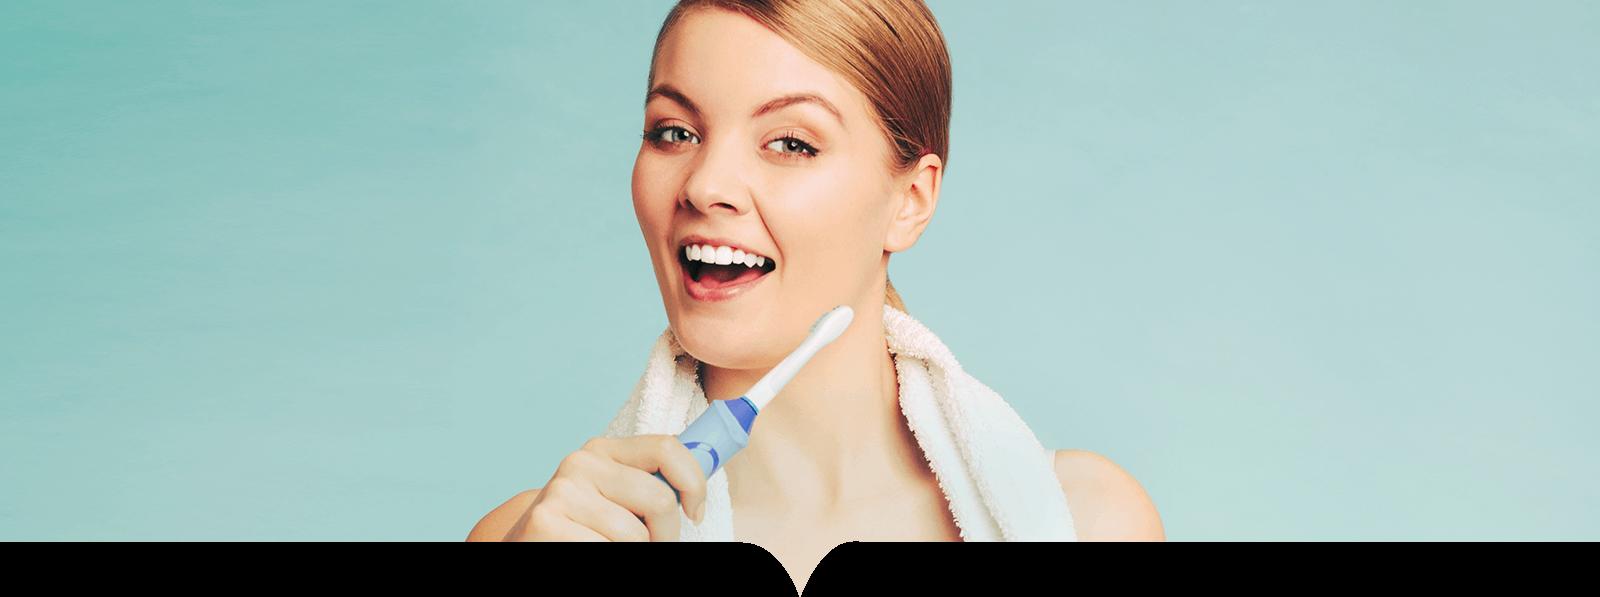 banner-gum health